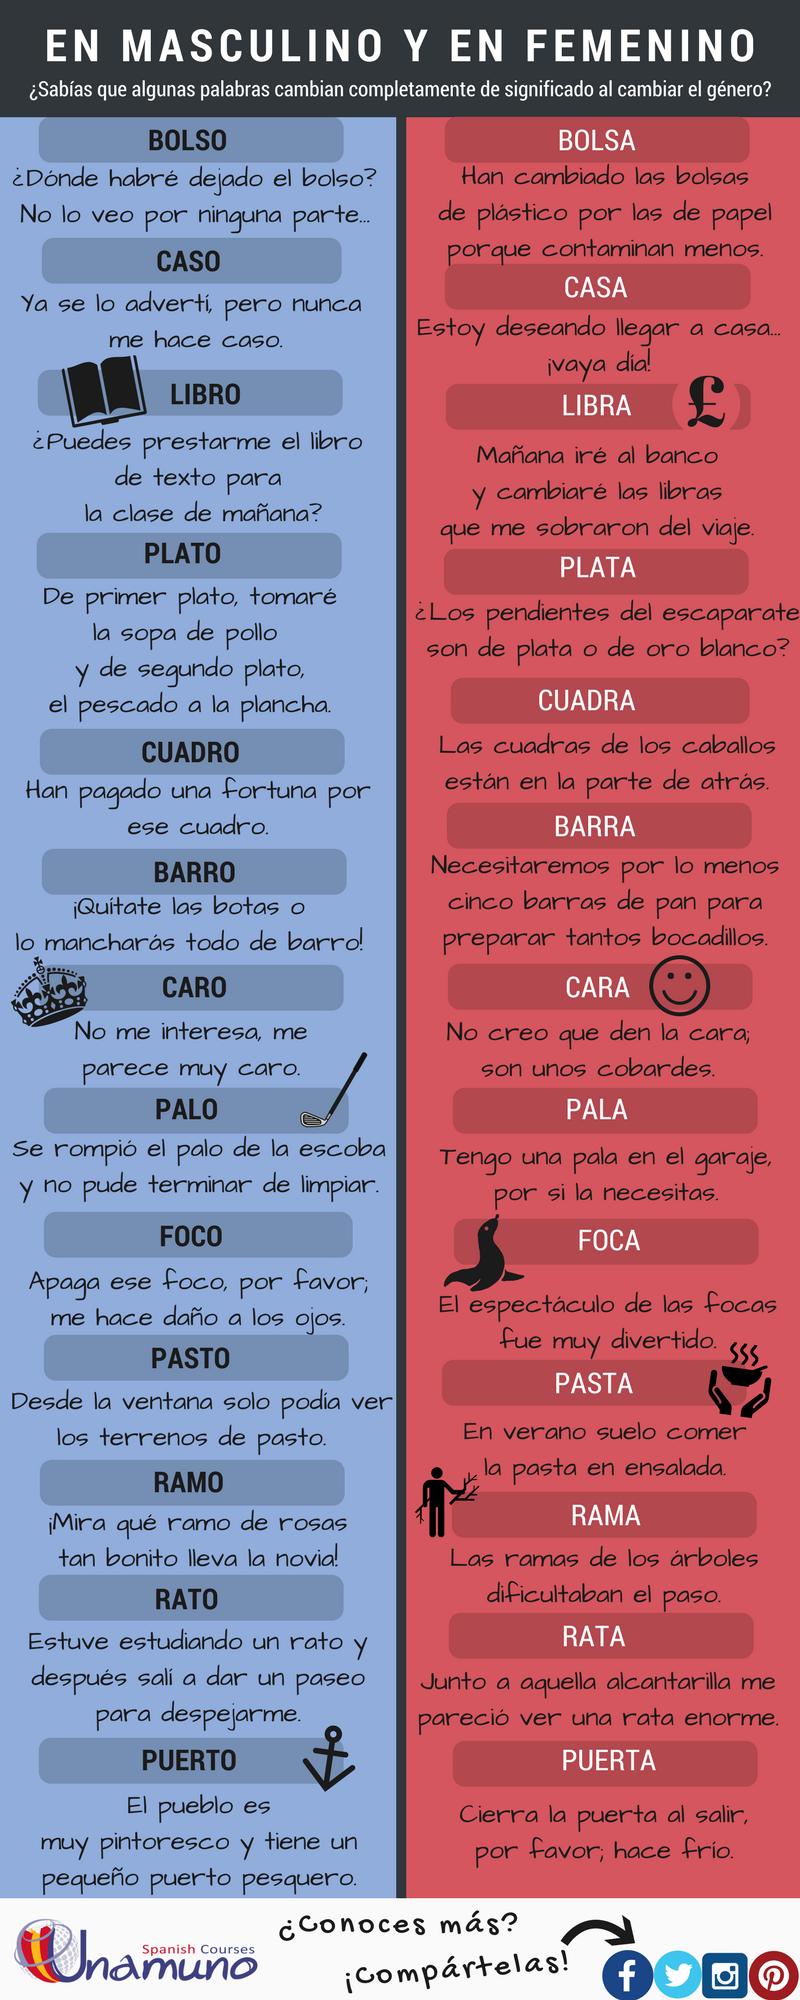 Un Listado De Palabras Que Cambian Completamente De Significado En Masculino Y En Femenino Amplía T Palabras En Español Aprender Español Vocabulario Español